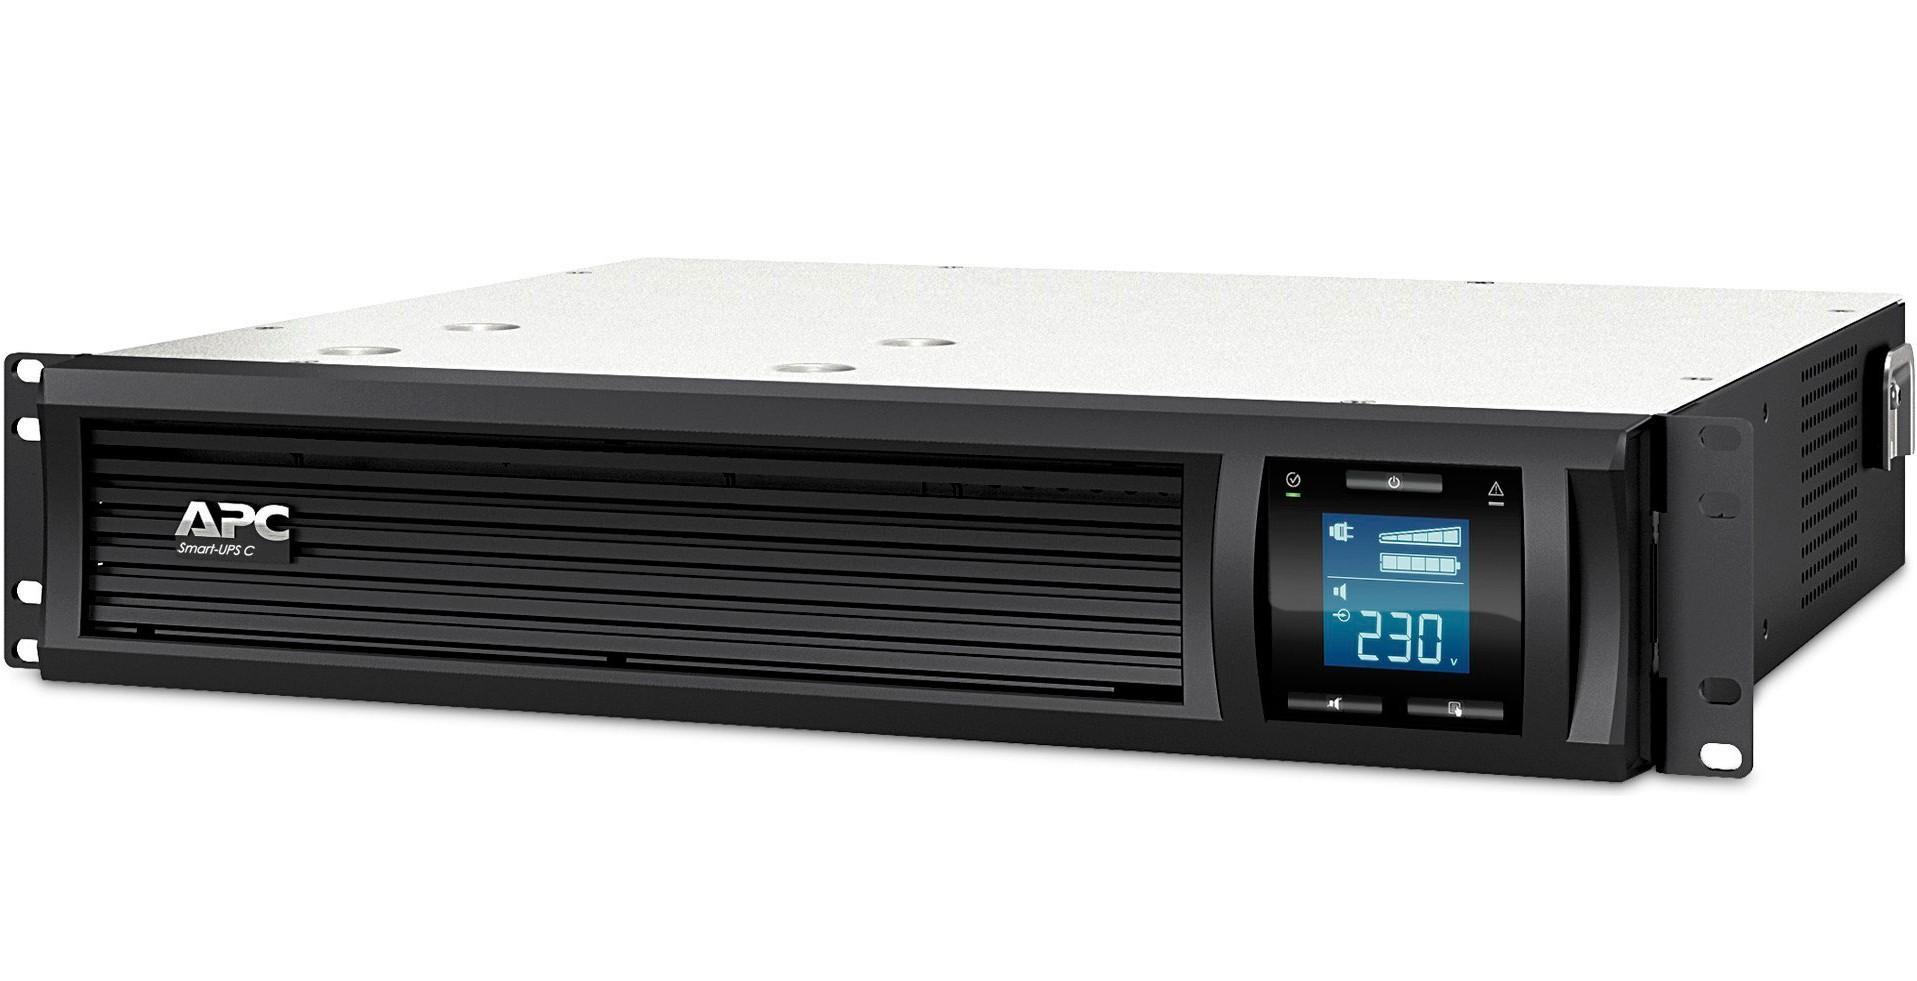 Источник бесперебойного питания (ИБП) APC SMART-UPS C RM, 3000VA, USB (SMC3000RMI2U) APS - фото 1